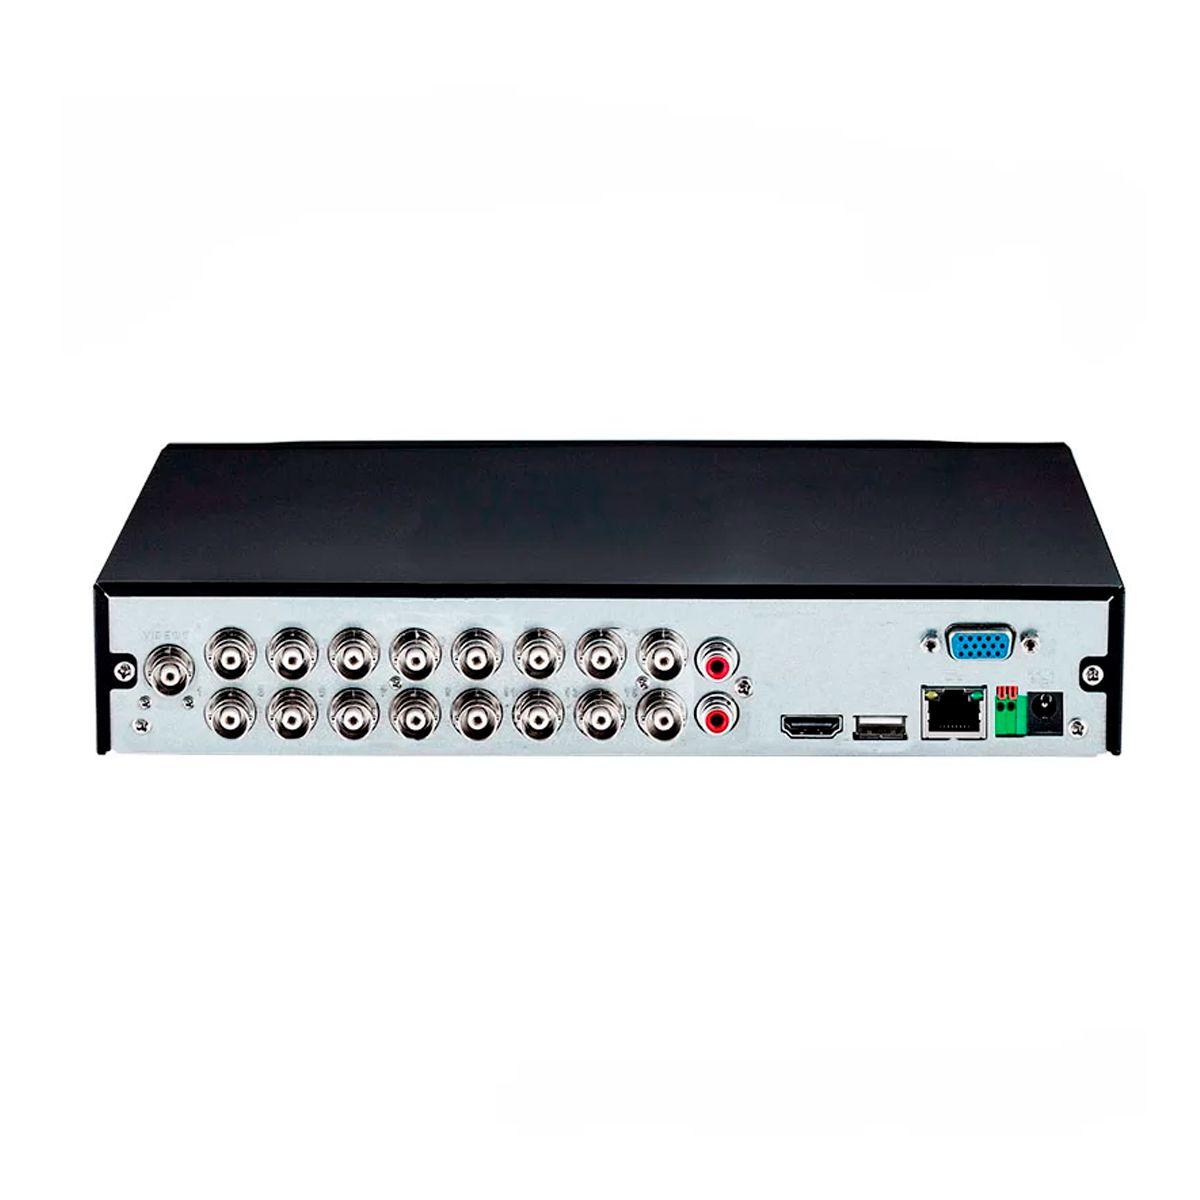 Kit 16 Câmeras VHD 1120 B G5 + DVR Intelbras + App Grátis de Monitoramento, Câmeras HD 720p 20m Infravermelho de Visão Noturna Intelbras + Fonte, Cabos e Acessórios  - Tudo Forte